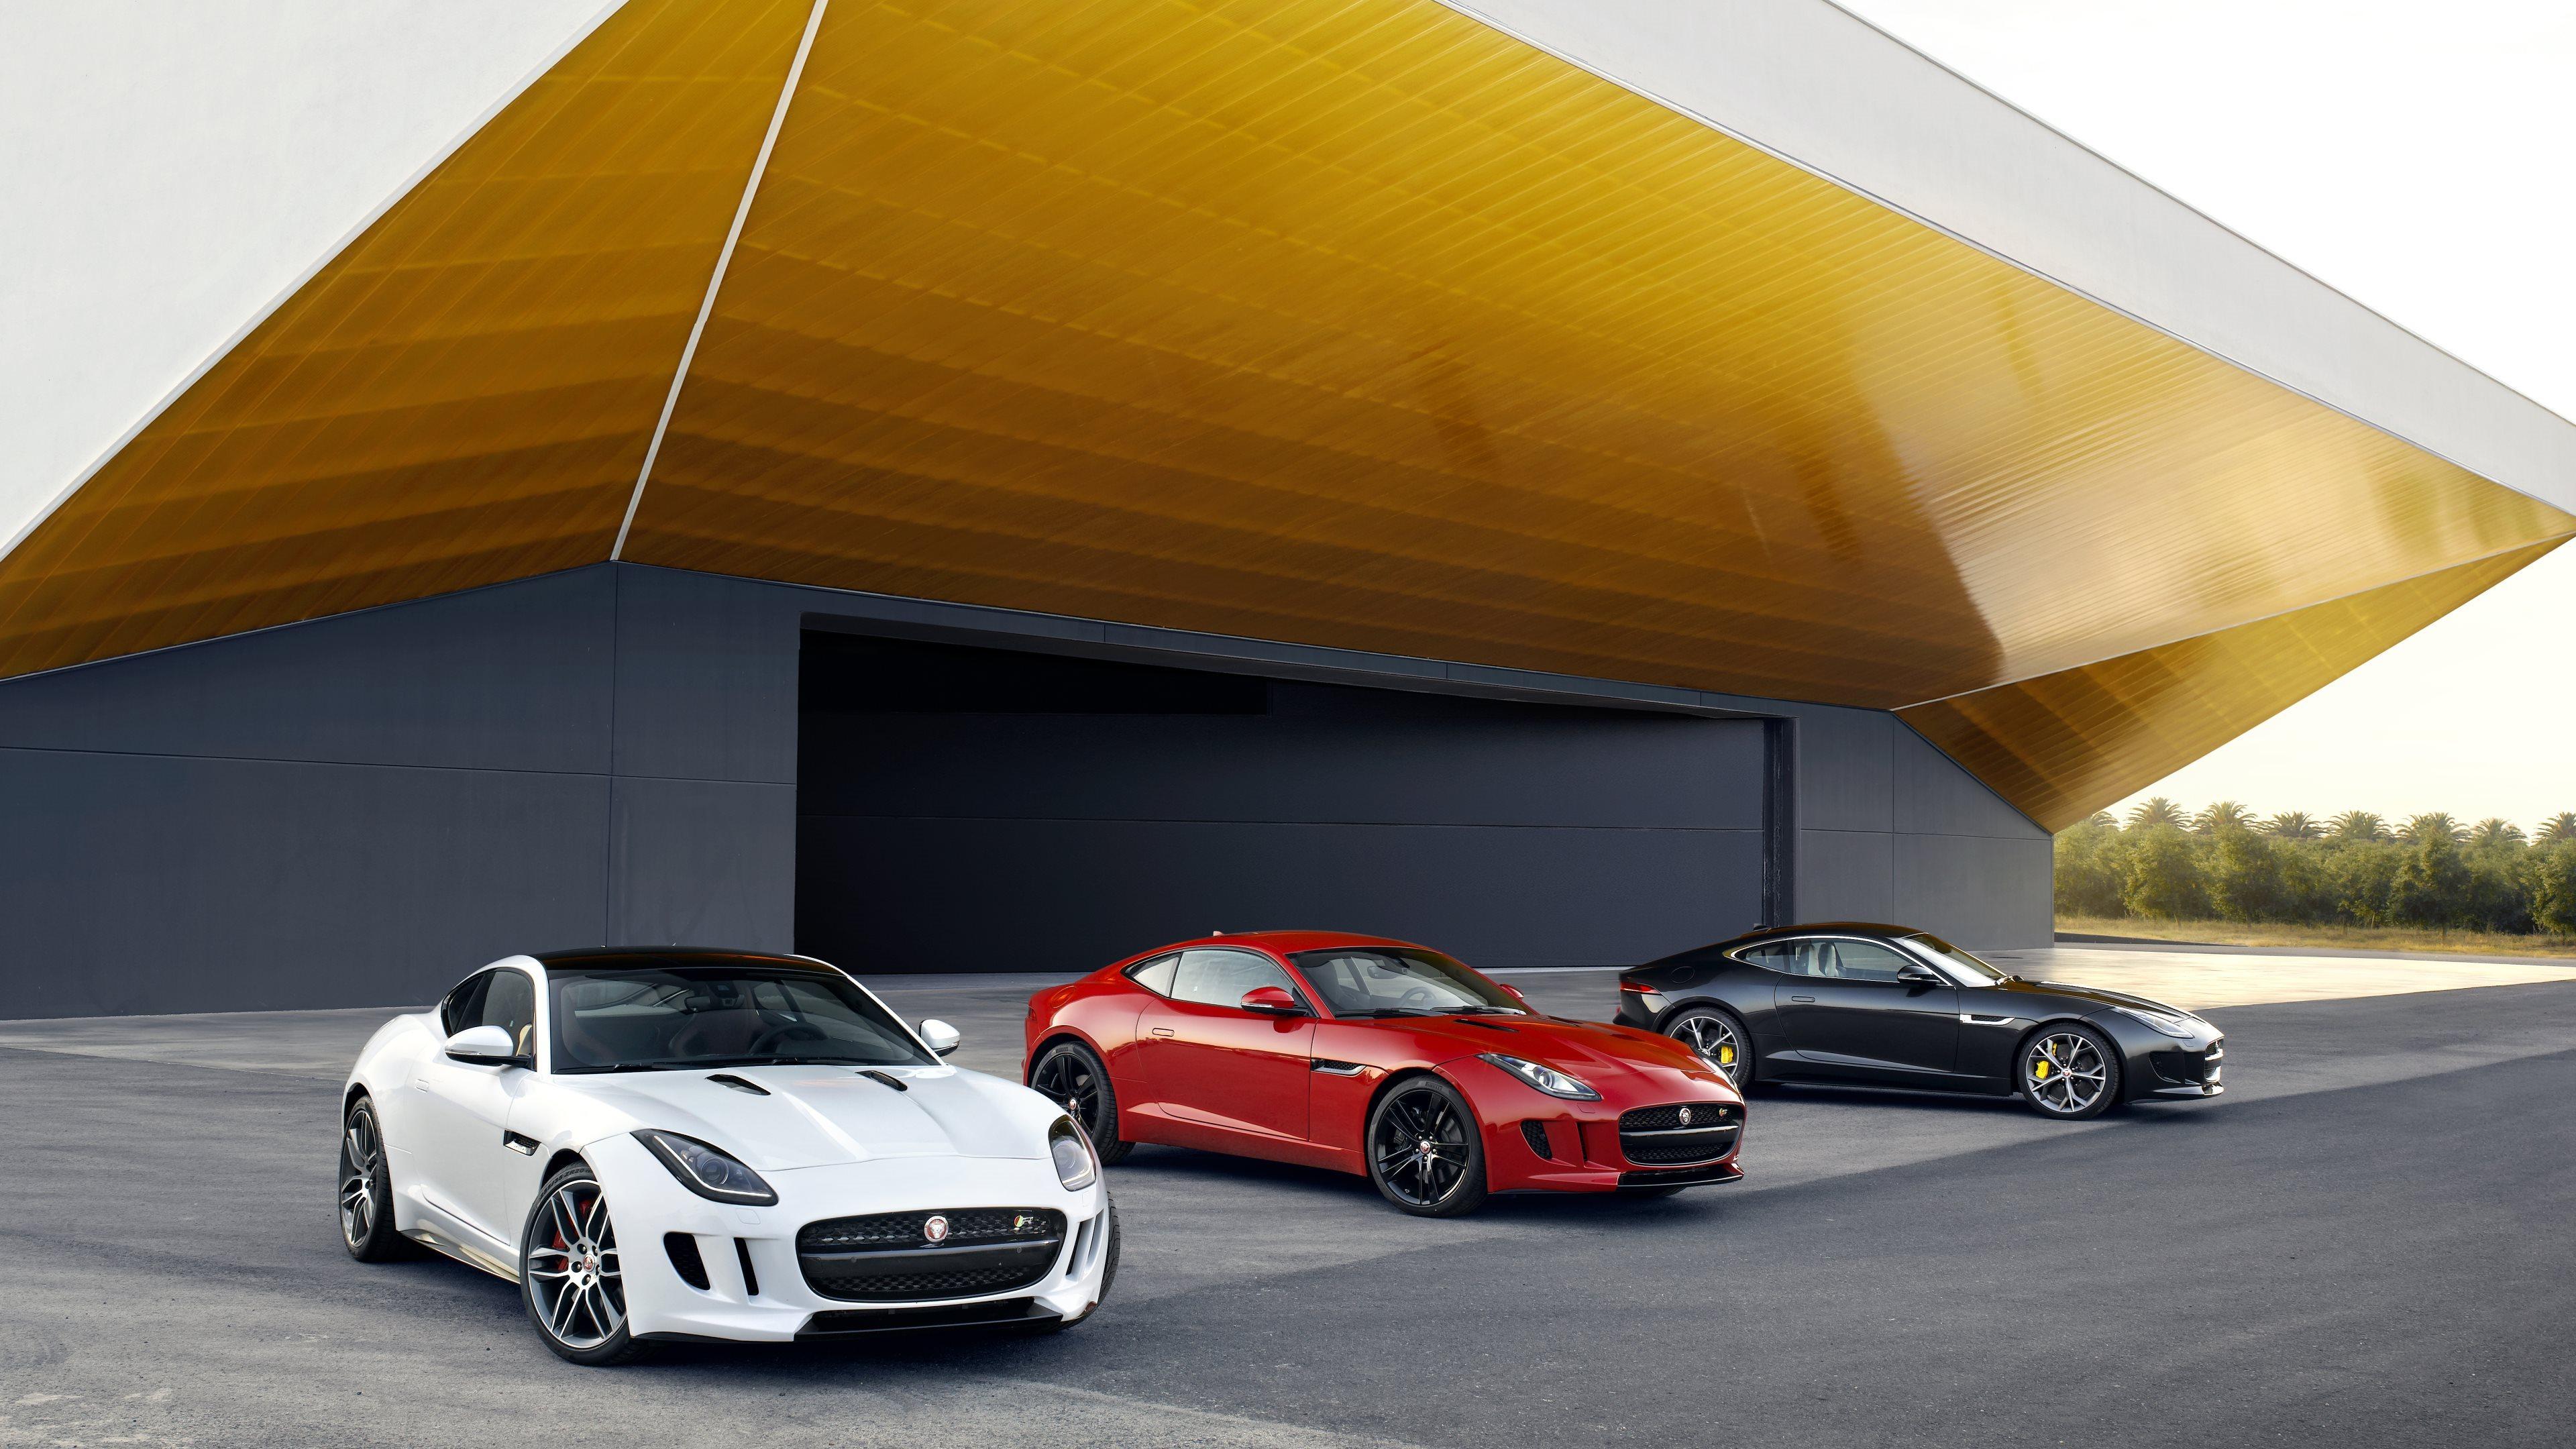 Jaguar F Type Hd Wallpapers